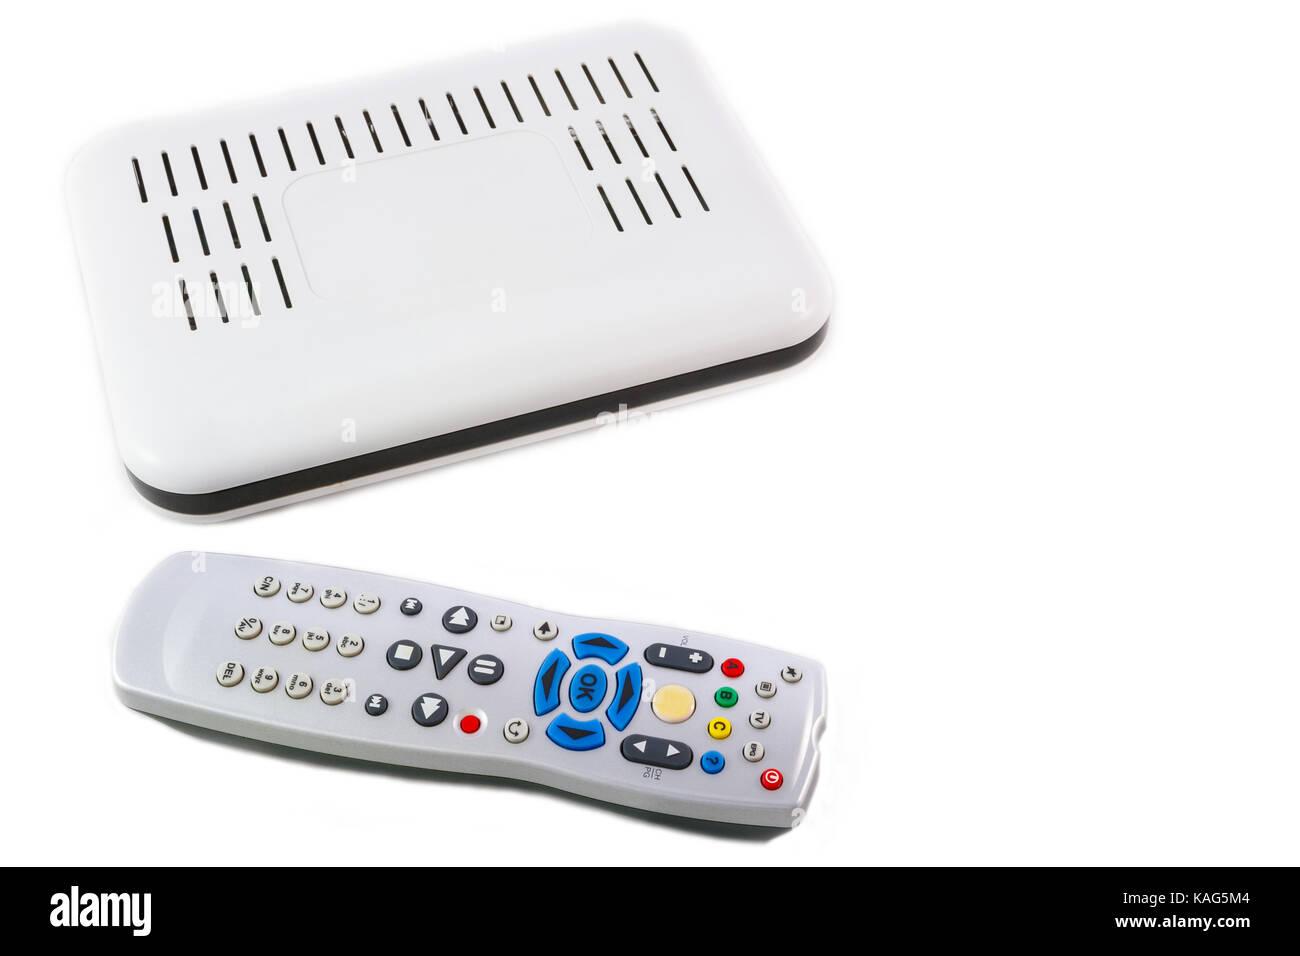 Telecommande Et Recepteur Blanc Pour Internet Tv Set Top Box Sur